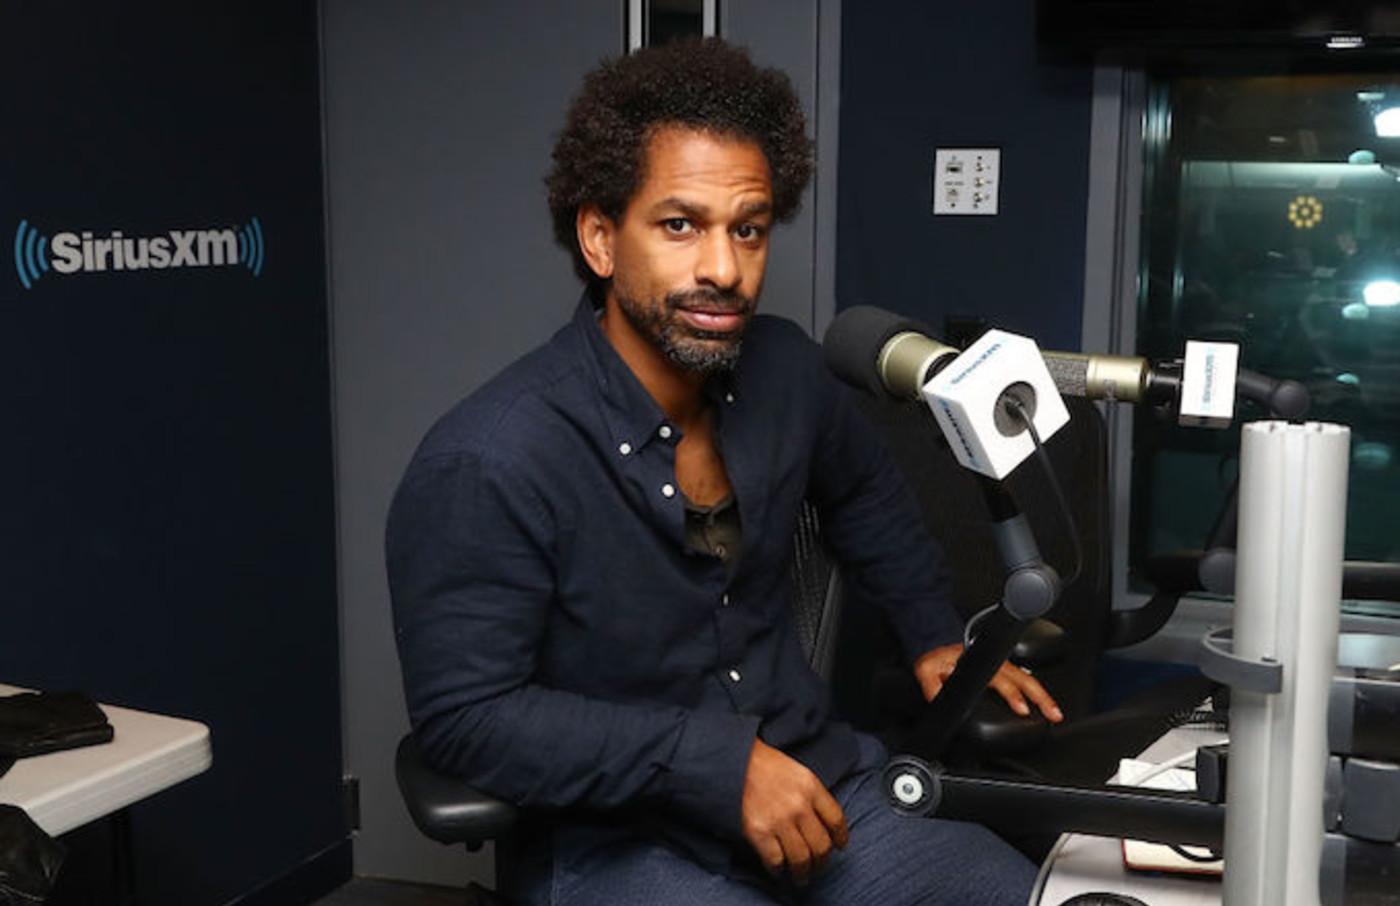 Touré allegations